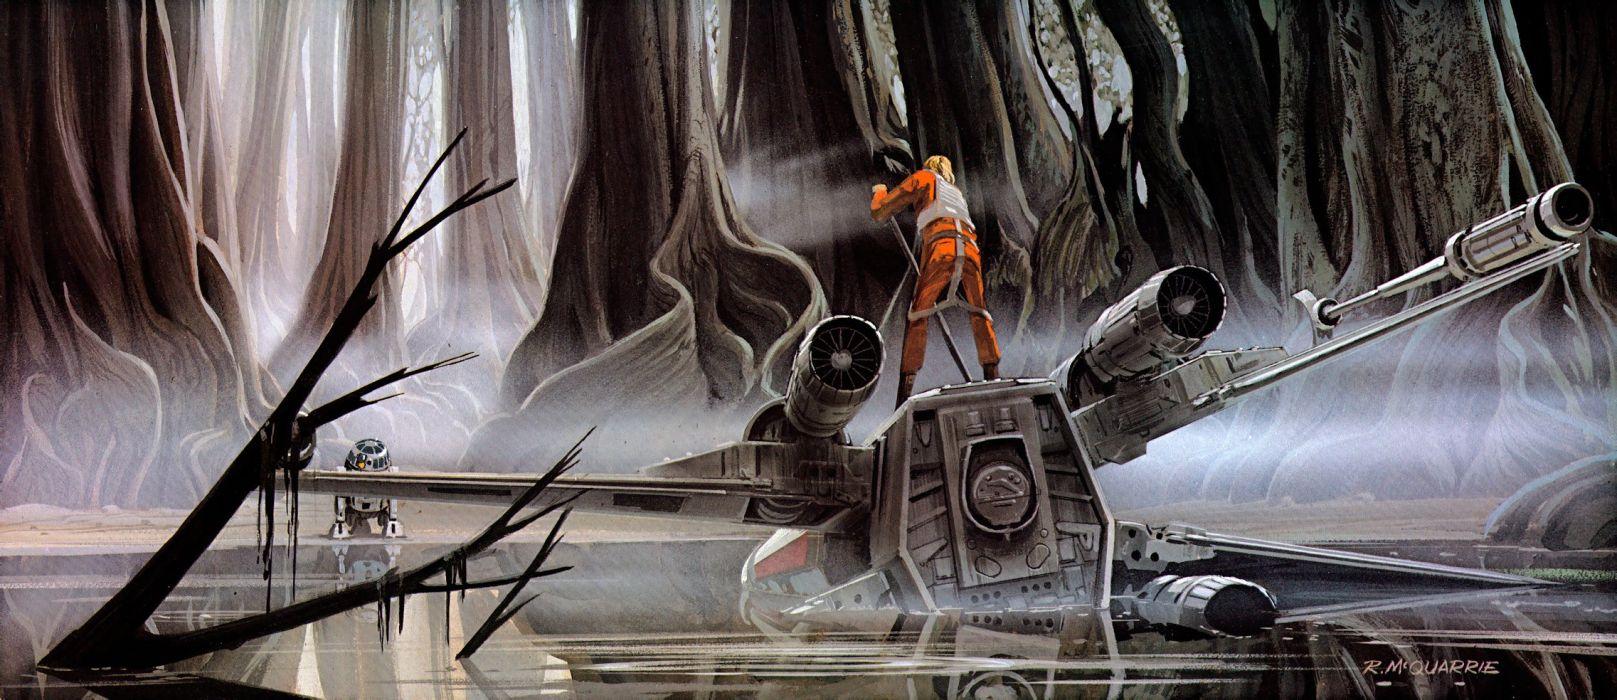 STAR WARS EMPIRE STRIKES BACK sci-fi futuristic movie film action (14) wallpaper